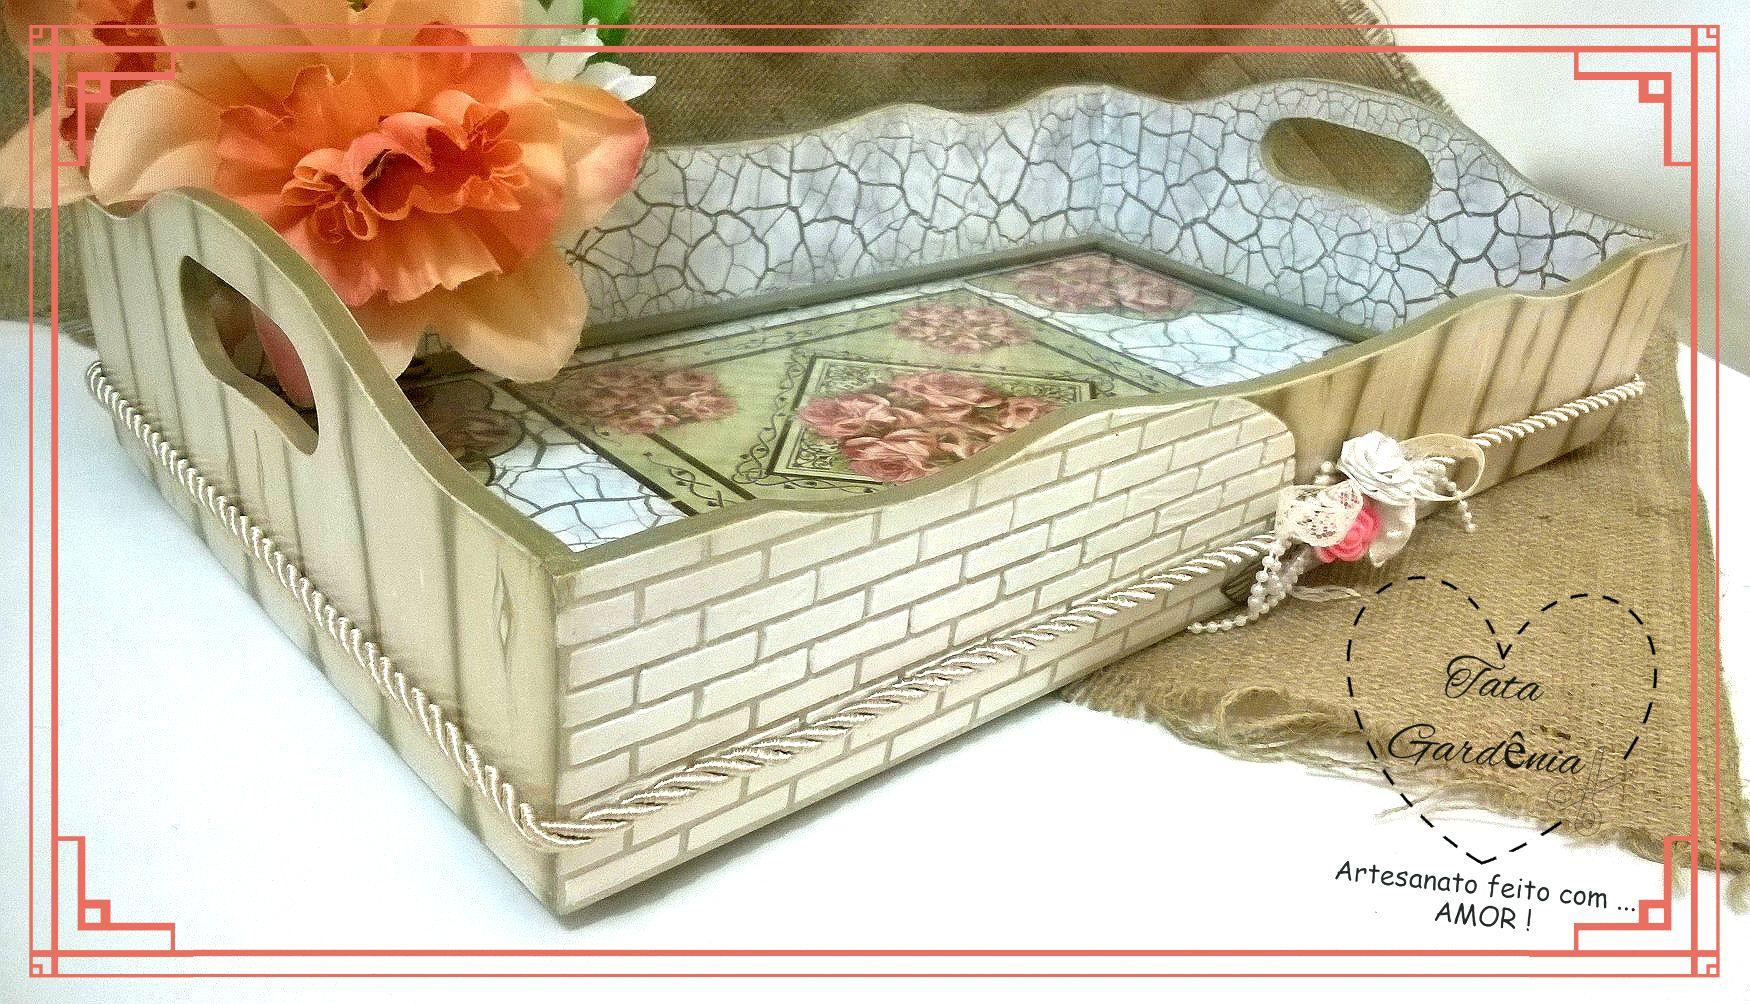 Bandeja em MDF com tampo de vidro confeccionada artesanalmente com técnicas de textura de tijolos, falso ripado, craquelado e decoupage floral